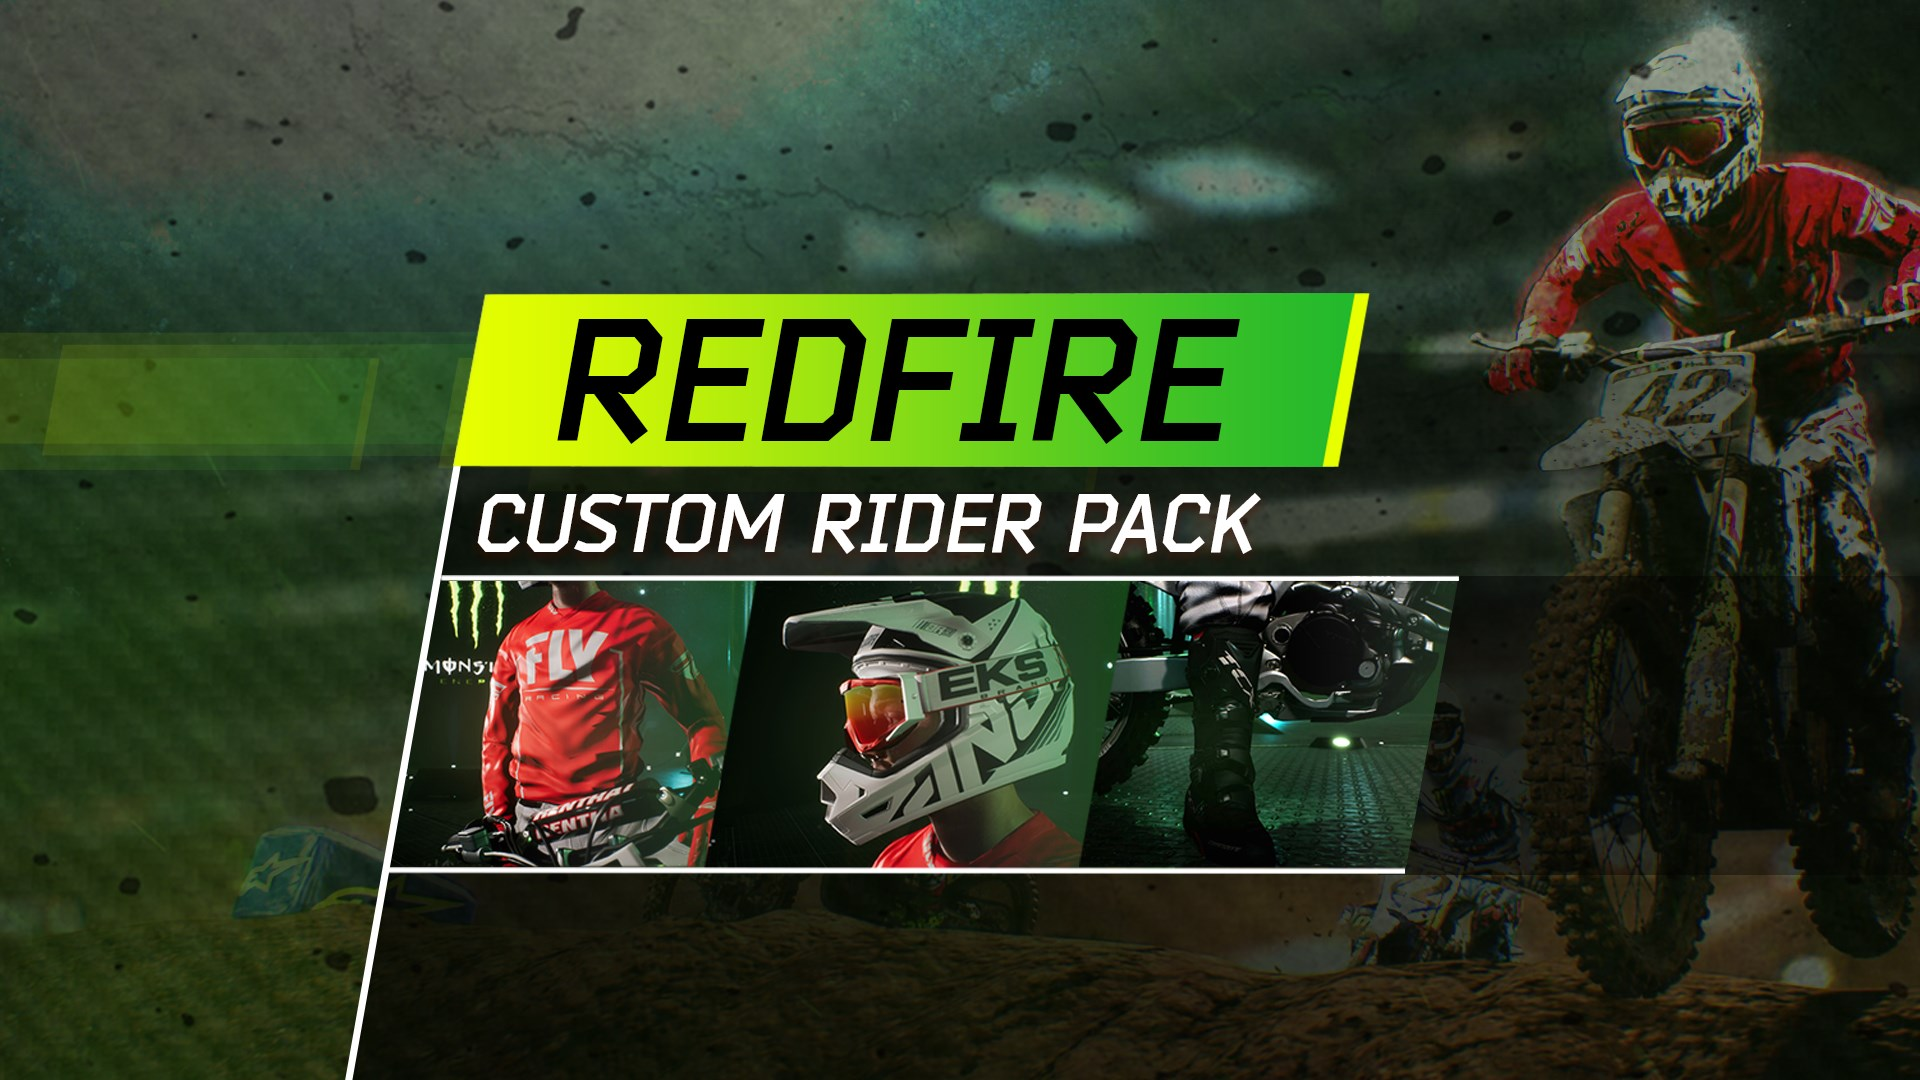 Monster Energy Supercross - Redfire Custom Rider Pack